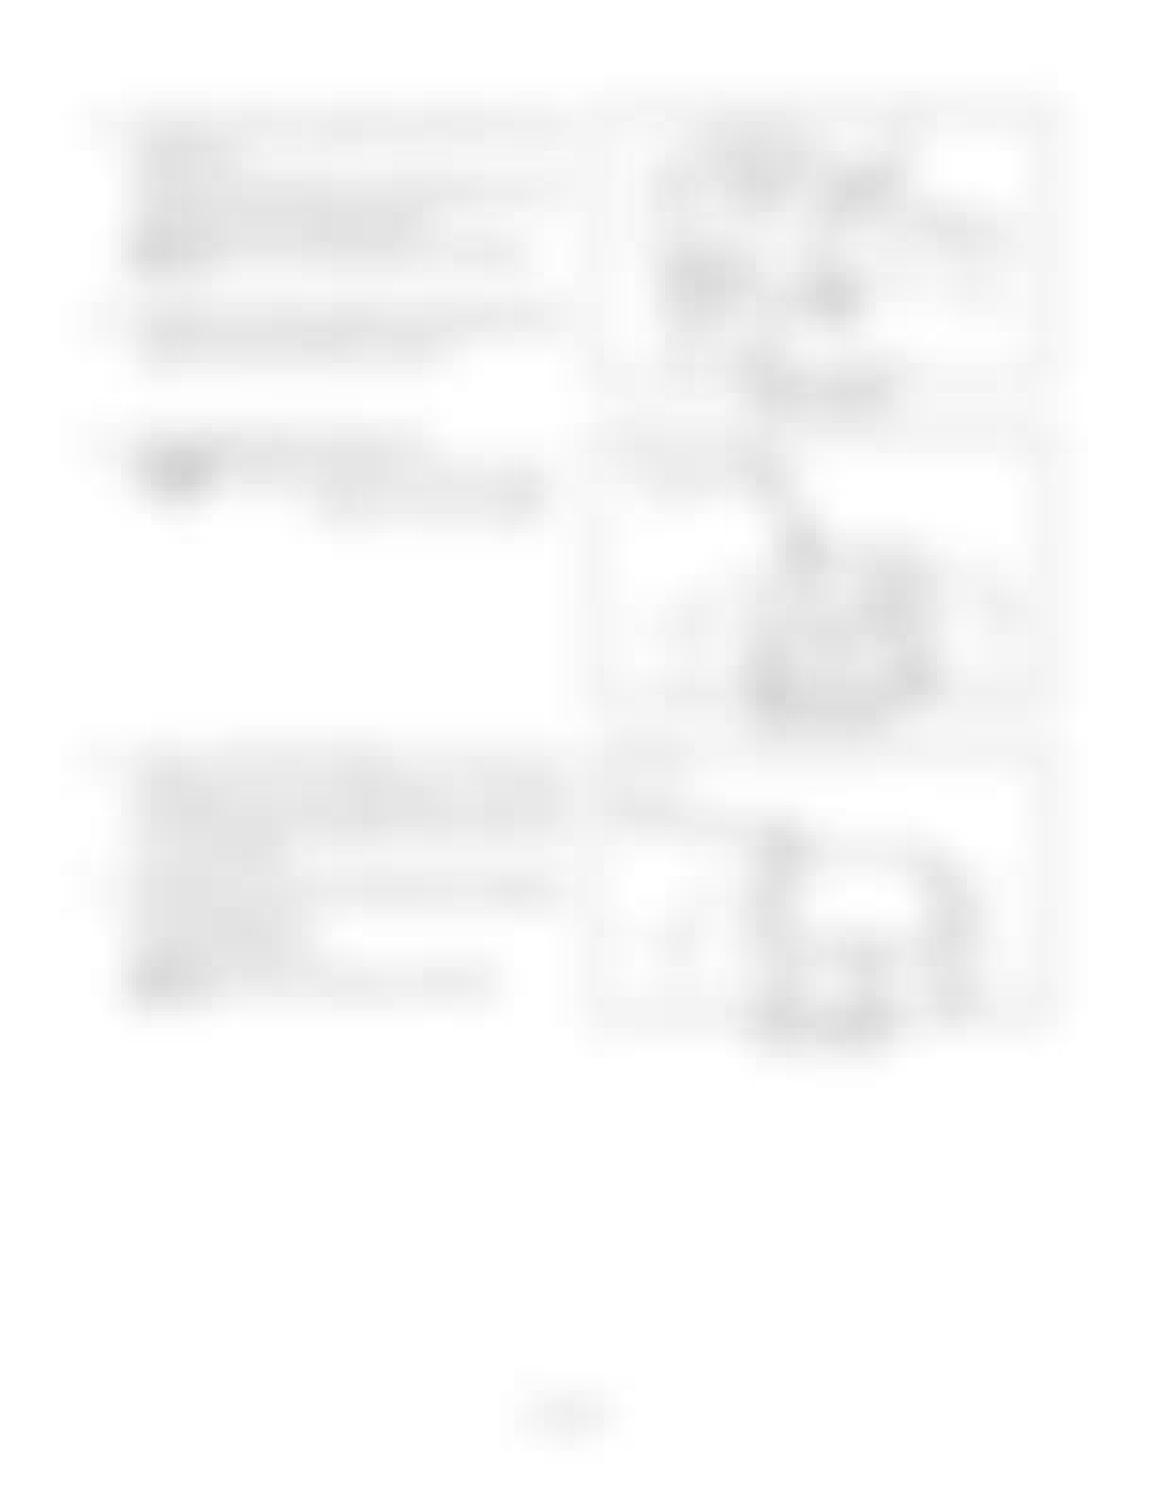 Hitachi LX110-7 LX130-7 LX160-7 LX190-7 LX230-7 Wheel Loader Workshop Manual - PDF DOWNLOAD page 182